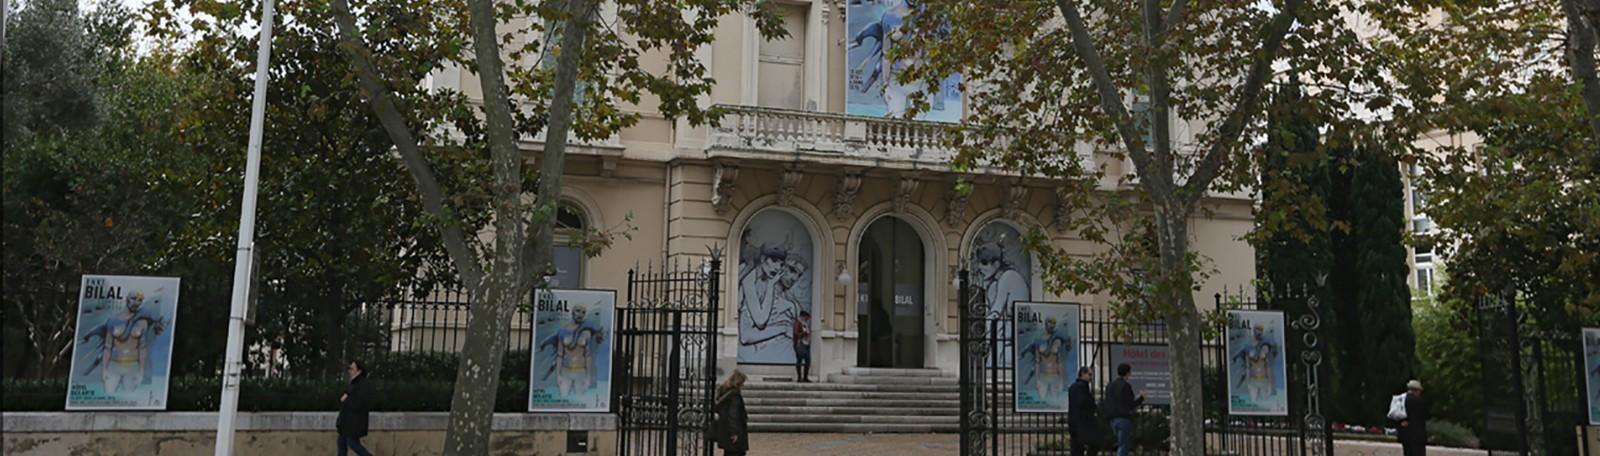 Car Park Toulon Hôtel des Arts